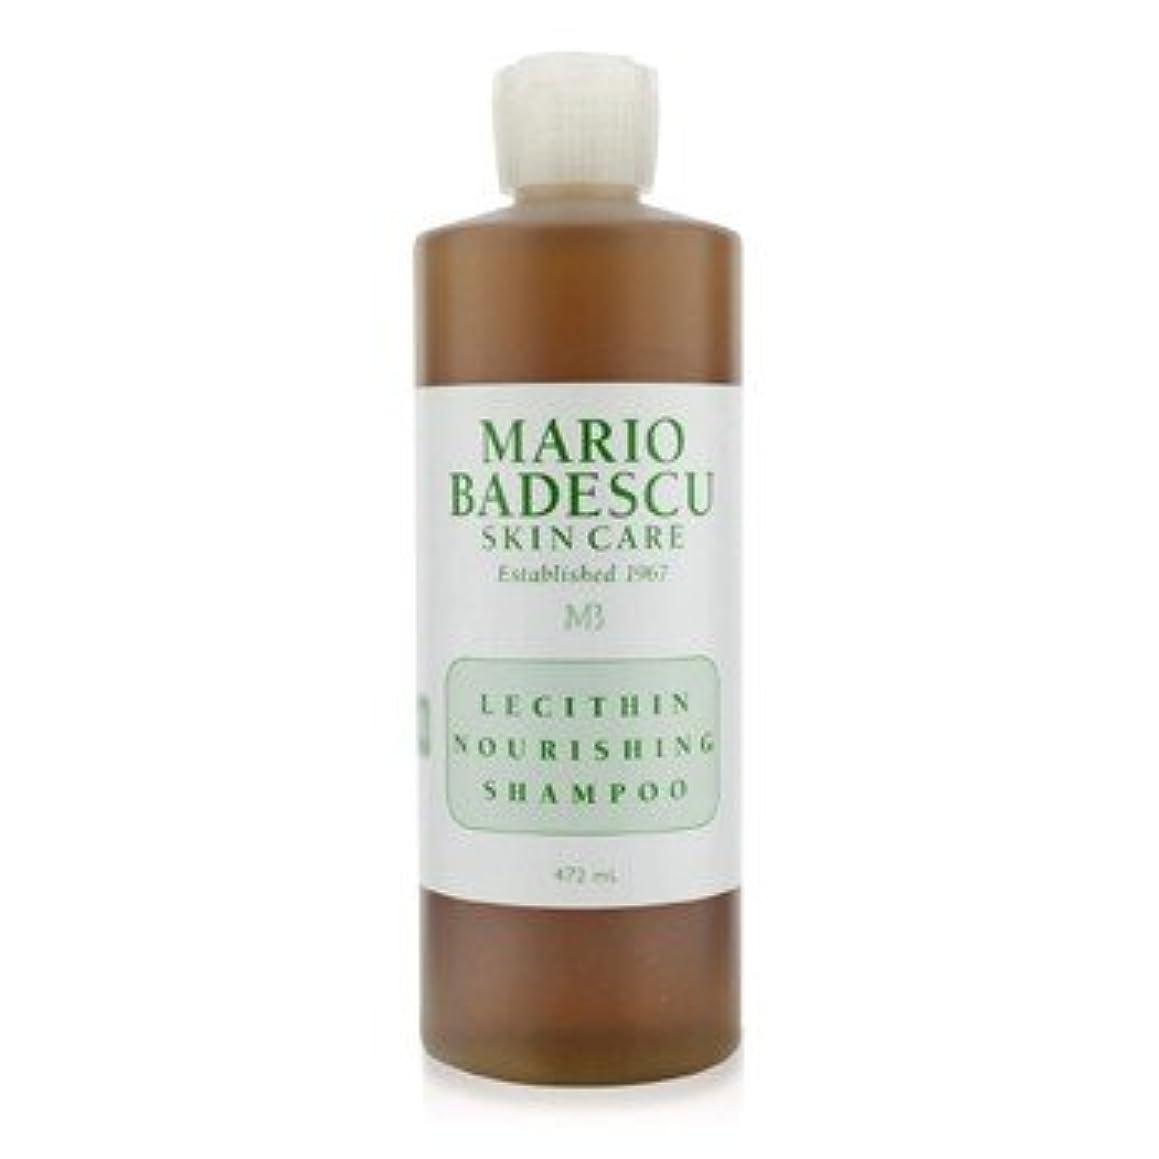 惑星小屋セメント[Mario Badescu] Lecithin Nourishing Shampoo (For All Hair Types) 472ml/16oz